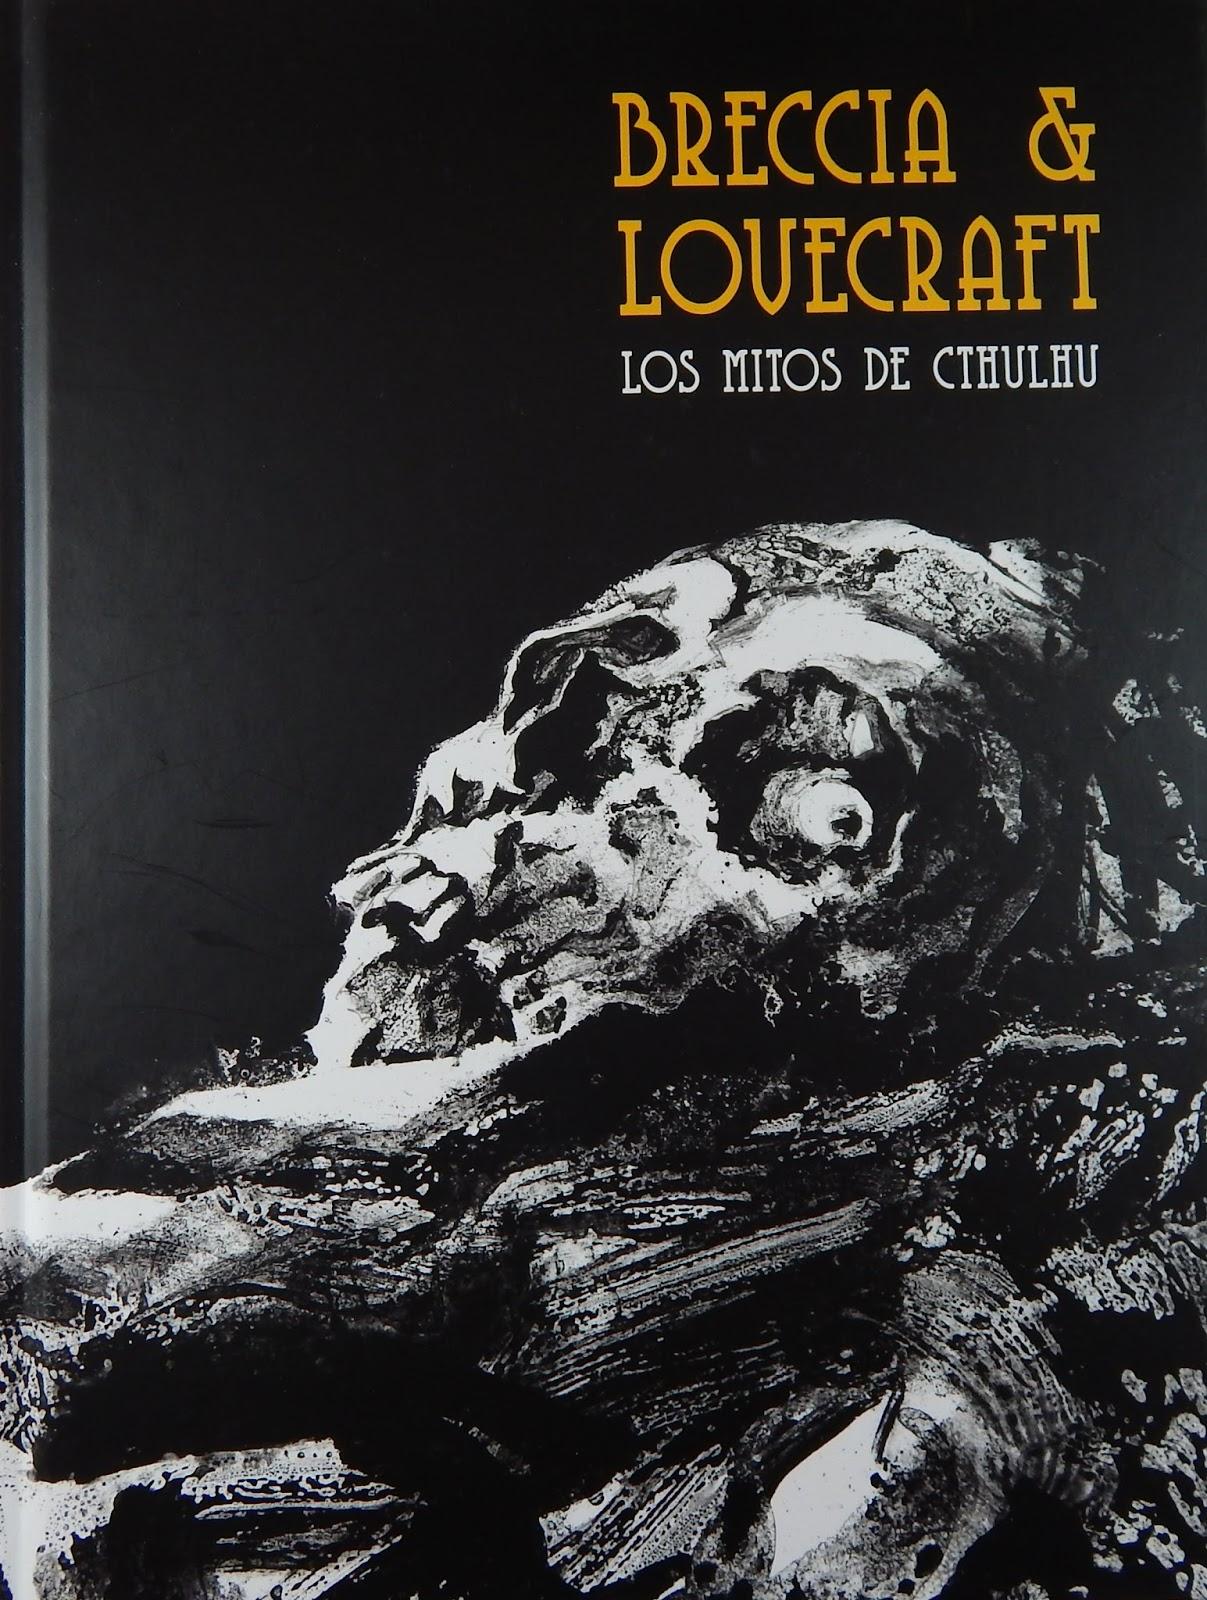 Resultado de imagen de mitos de cthulhu hp lovecraft libro